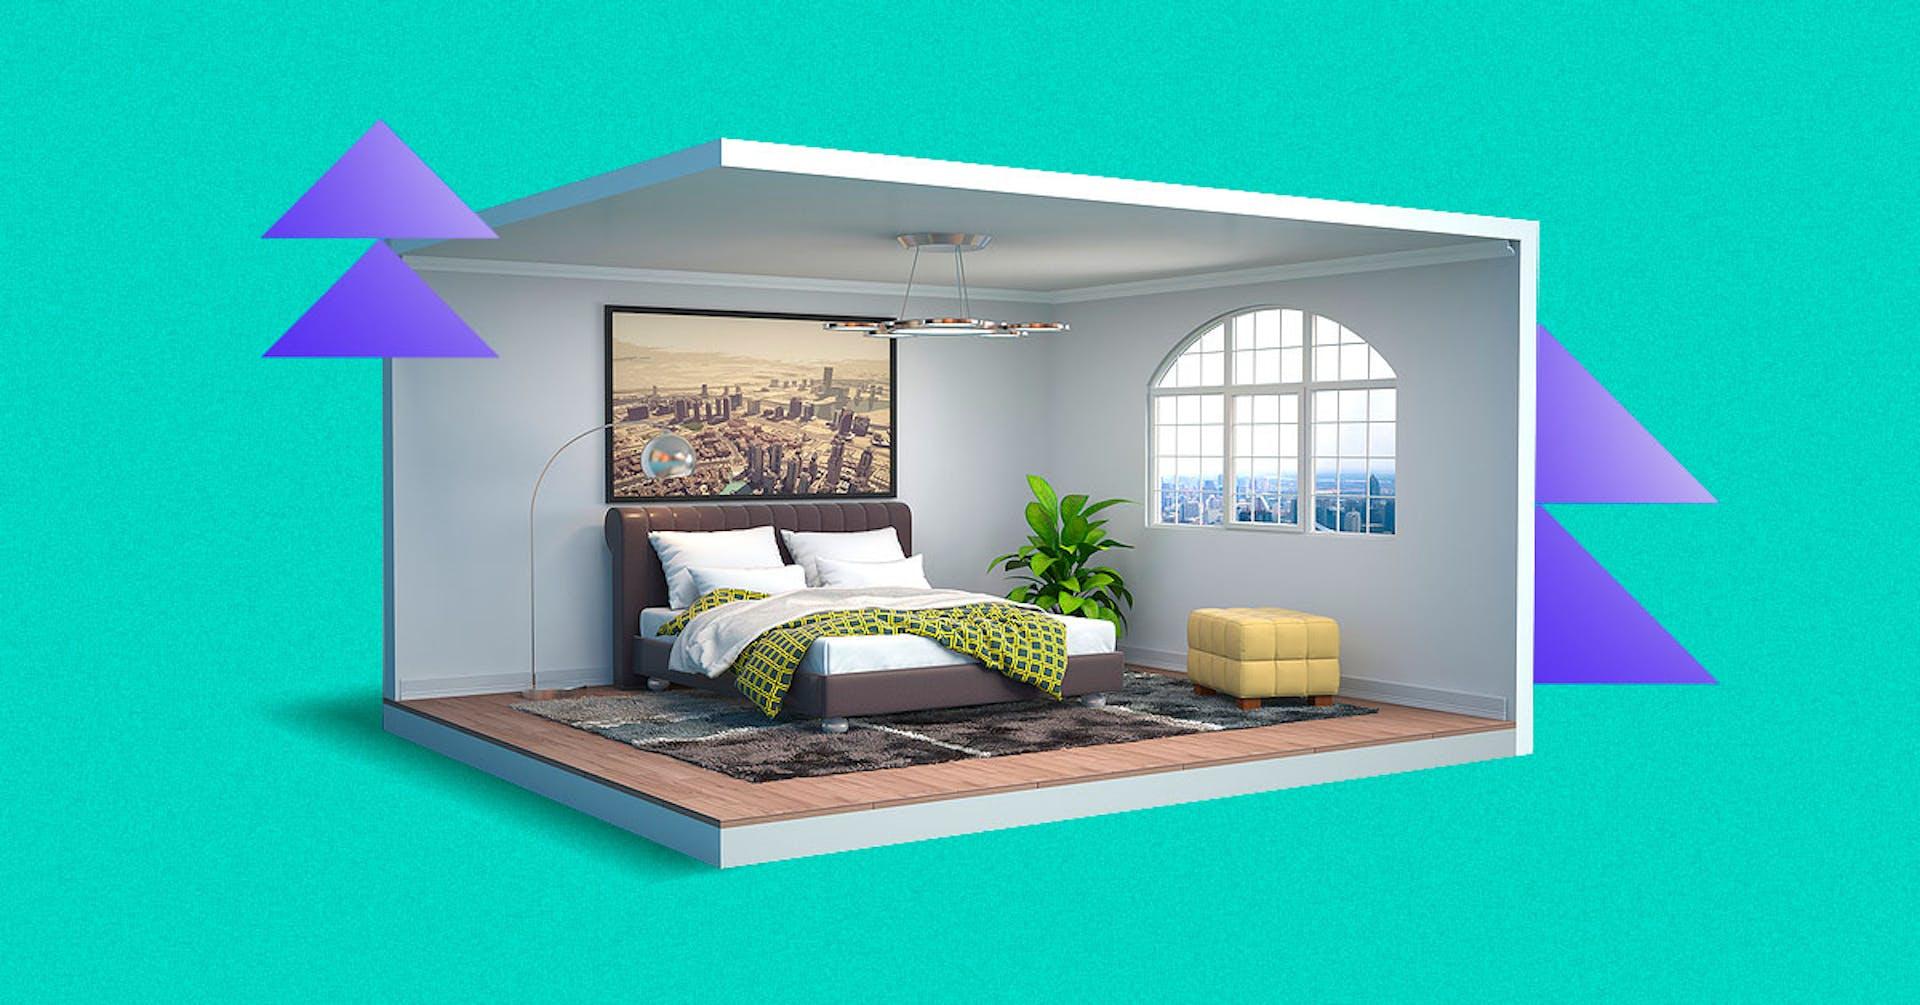 5 Estilos de habitaciones modernas para iniciar el 2022 con un espacio renovado